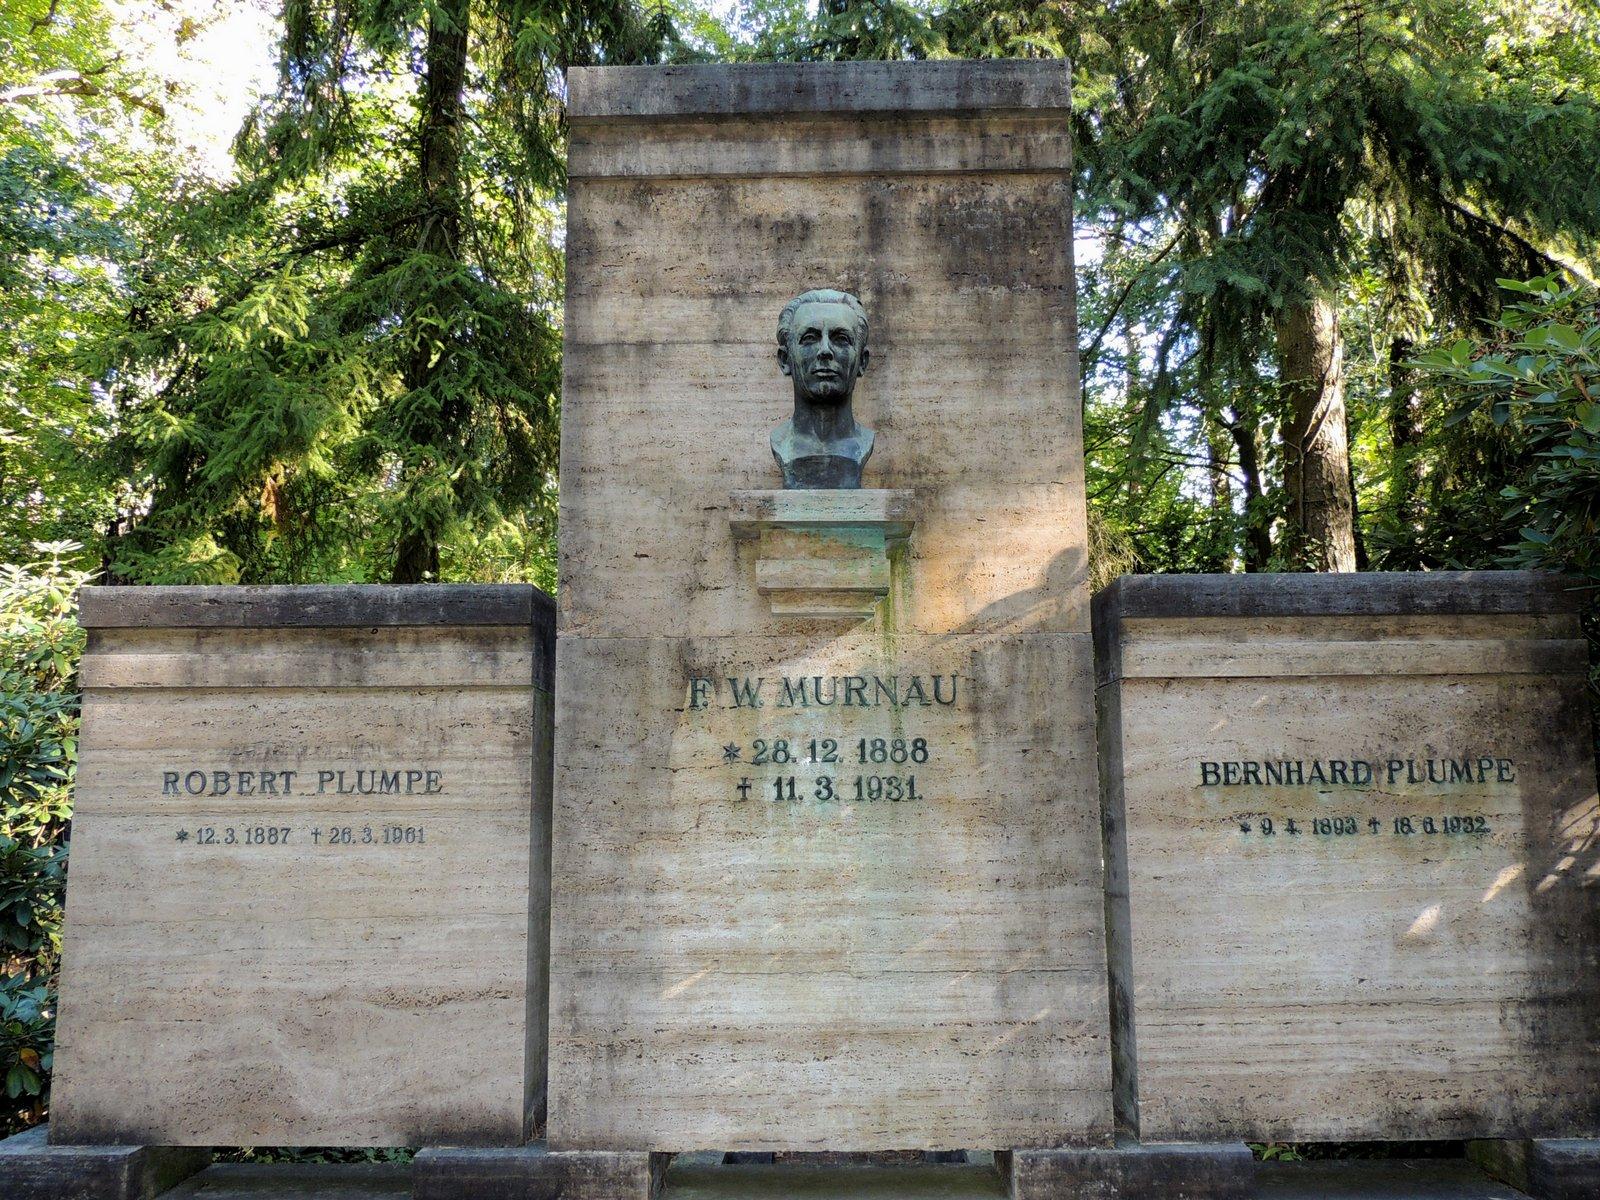 Waldfriedhof Stahnsdorf - F.W. Murnau